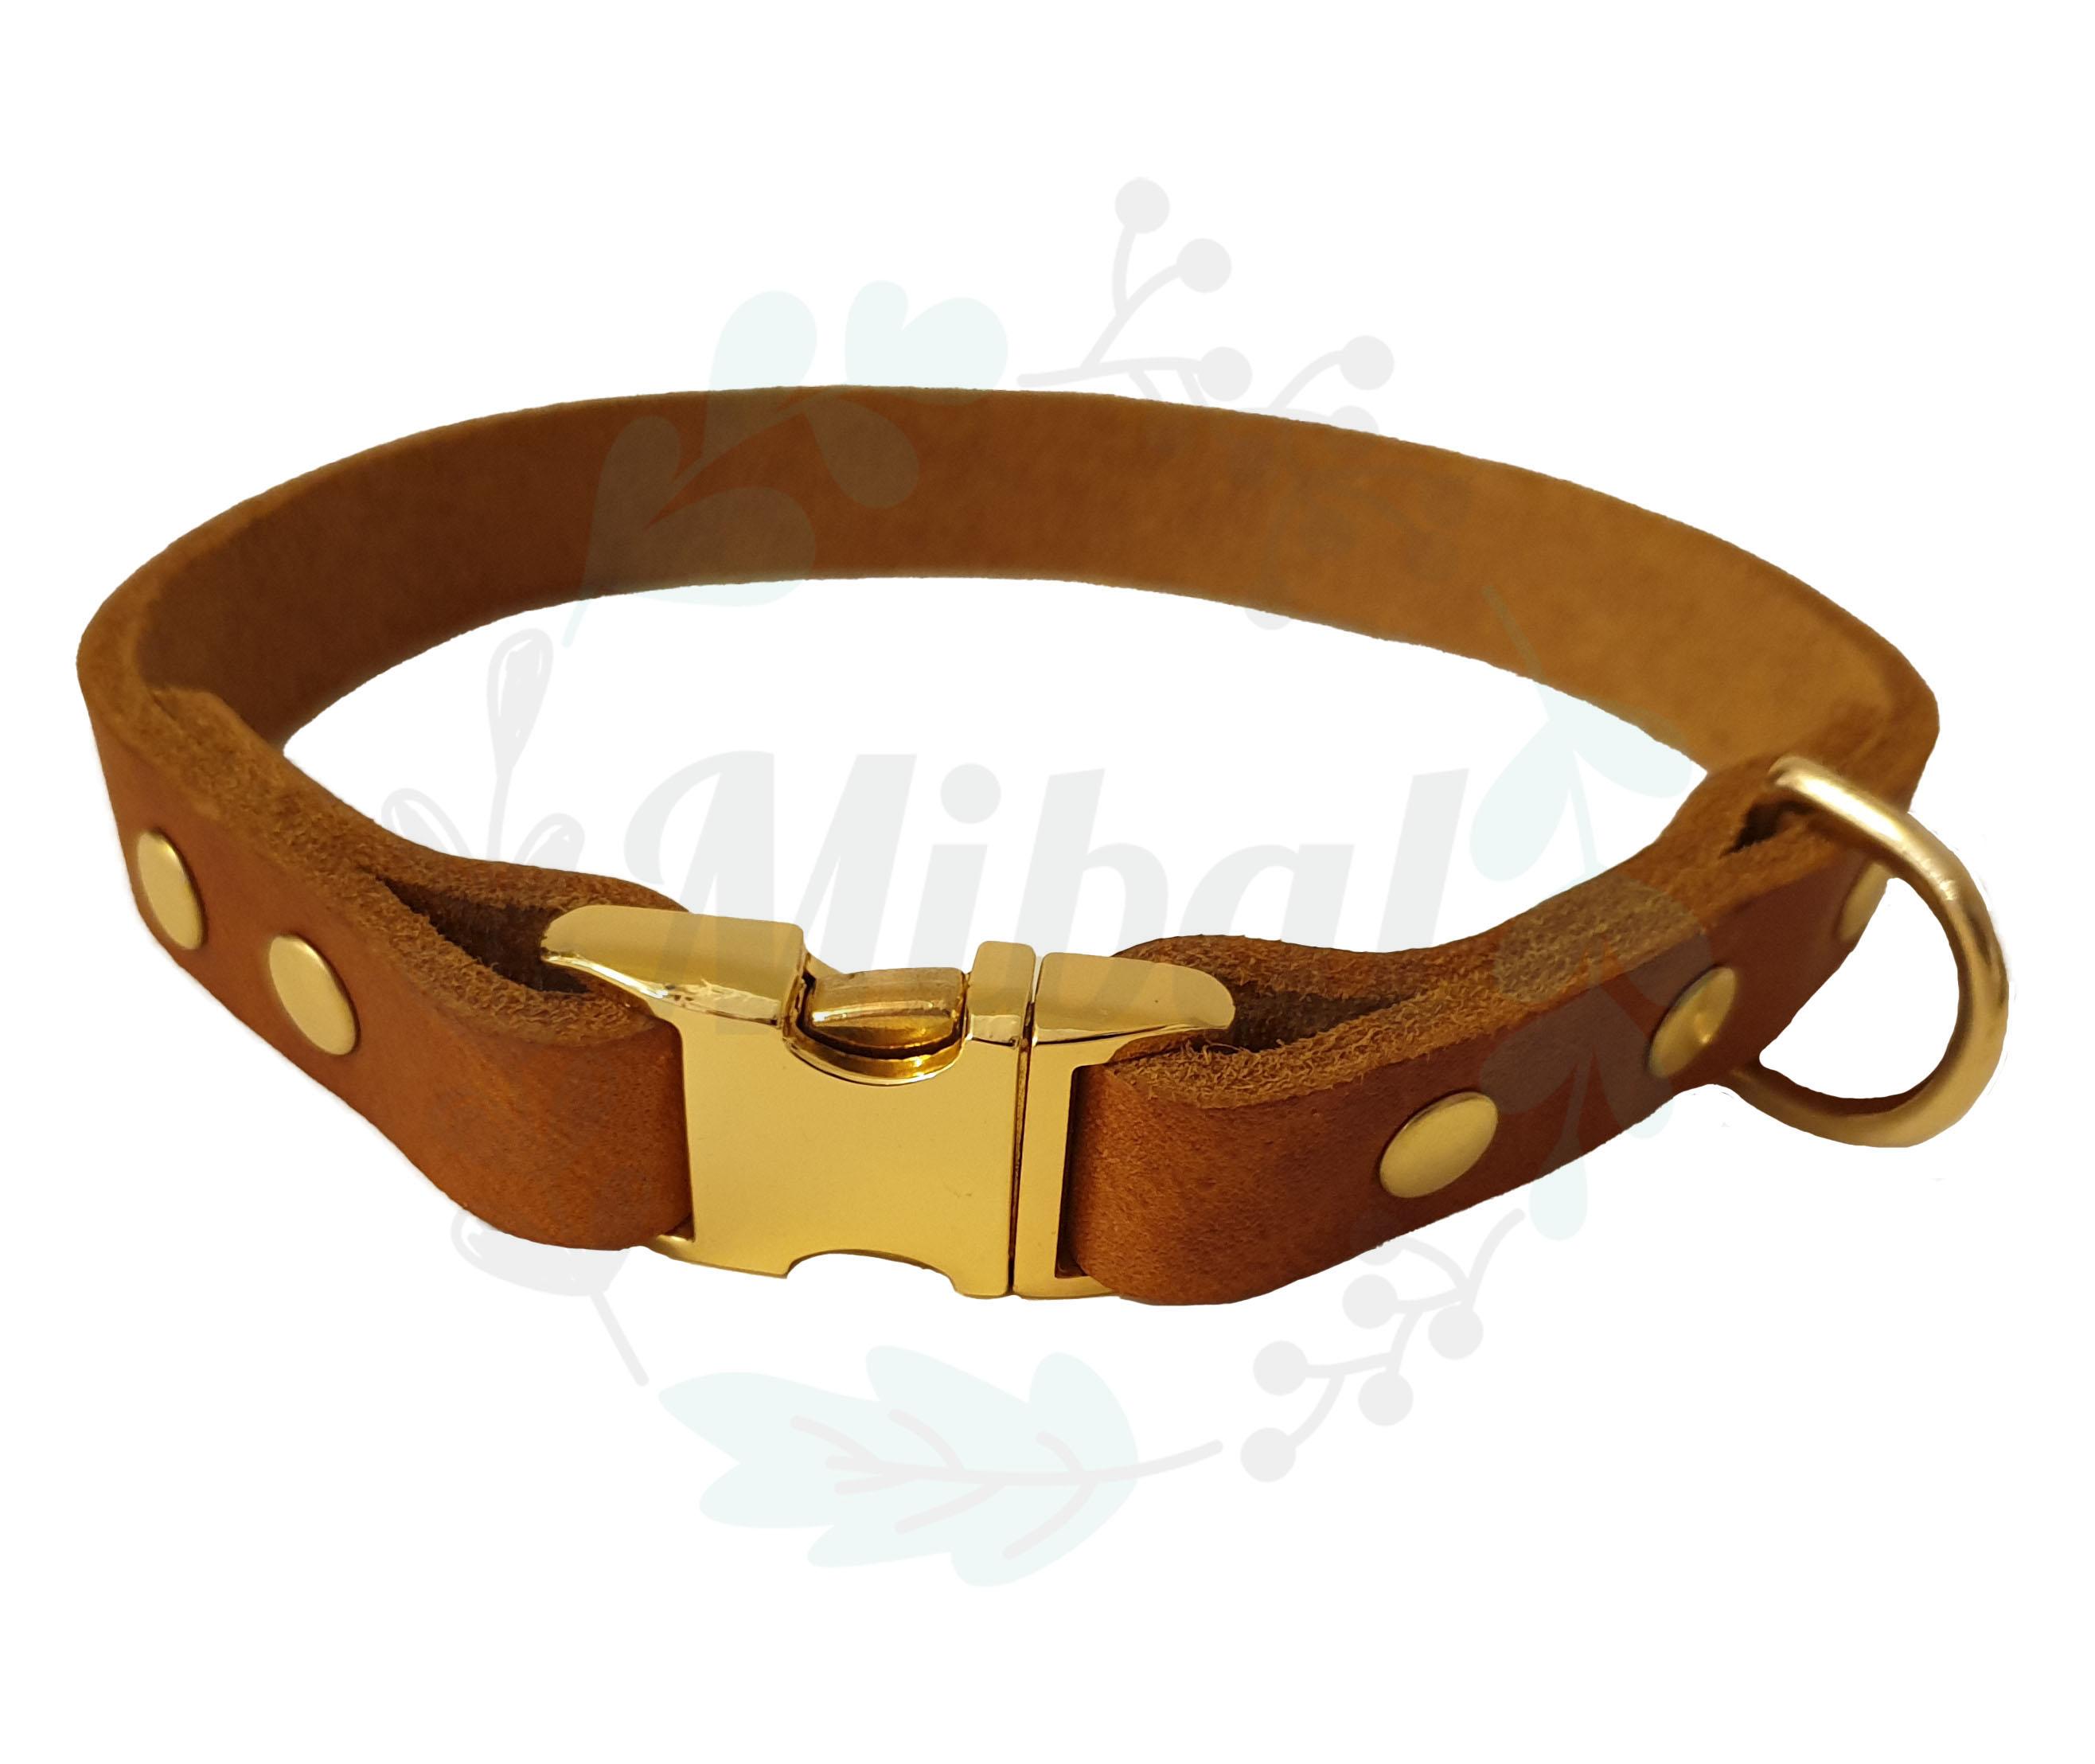 Fettleder Halsband mit Klickverschluss